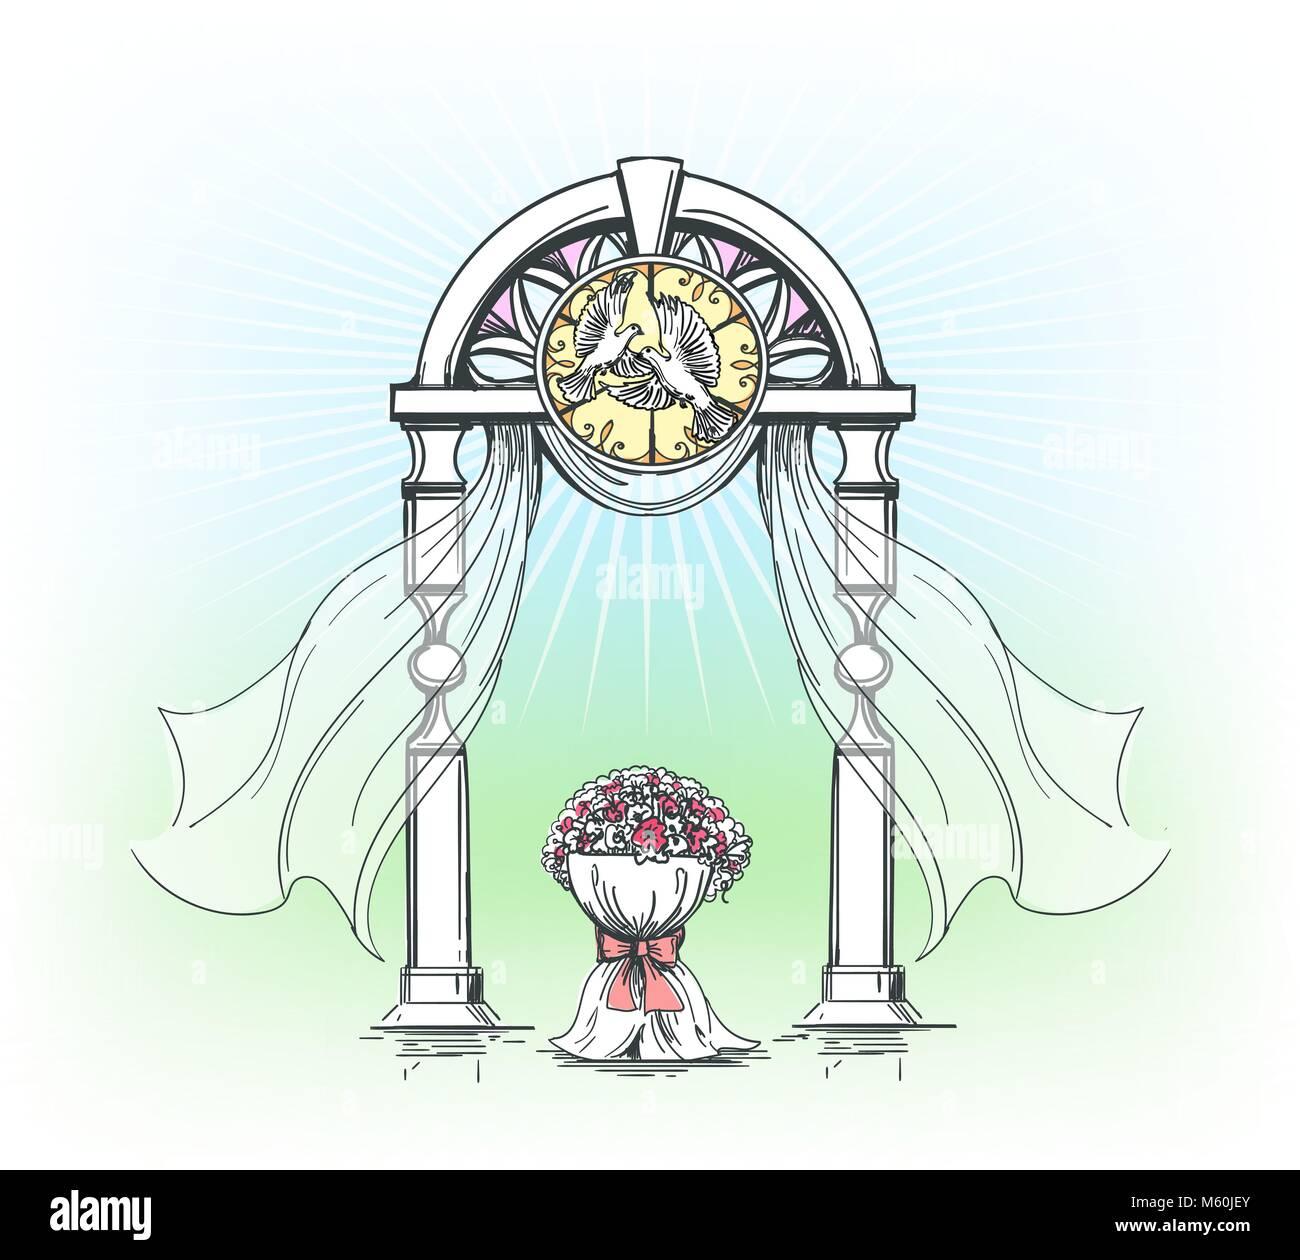 Outdoor Wedding Ceremony No Music: Wedding Arch. Hand Drawn Colored Outdoor Wedding Ceremony